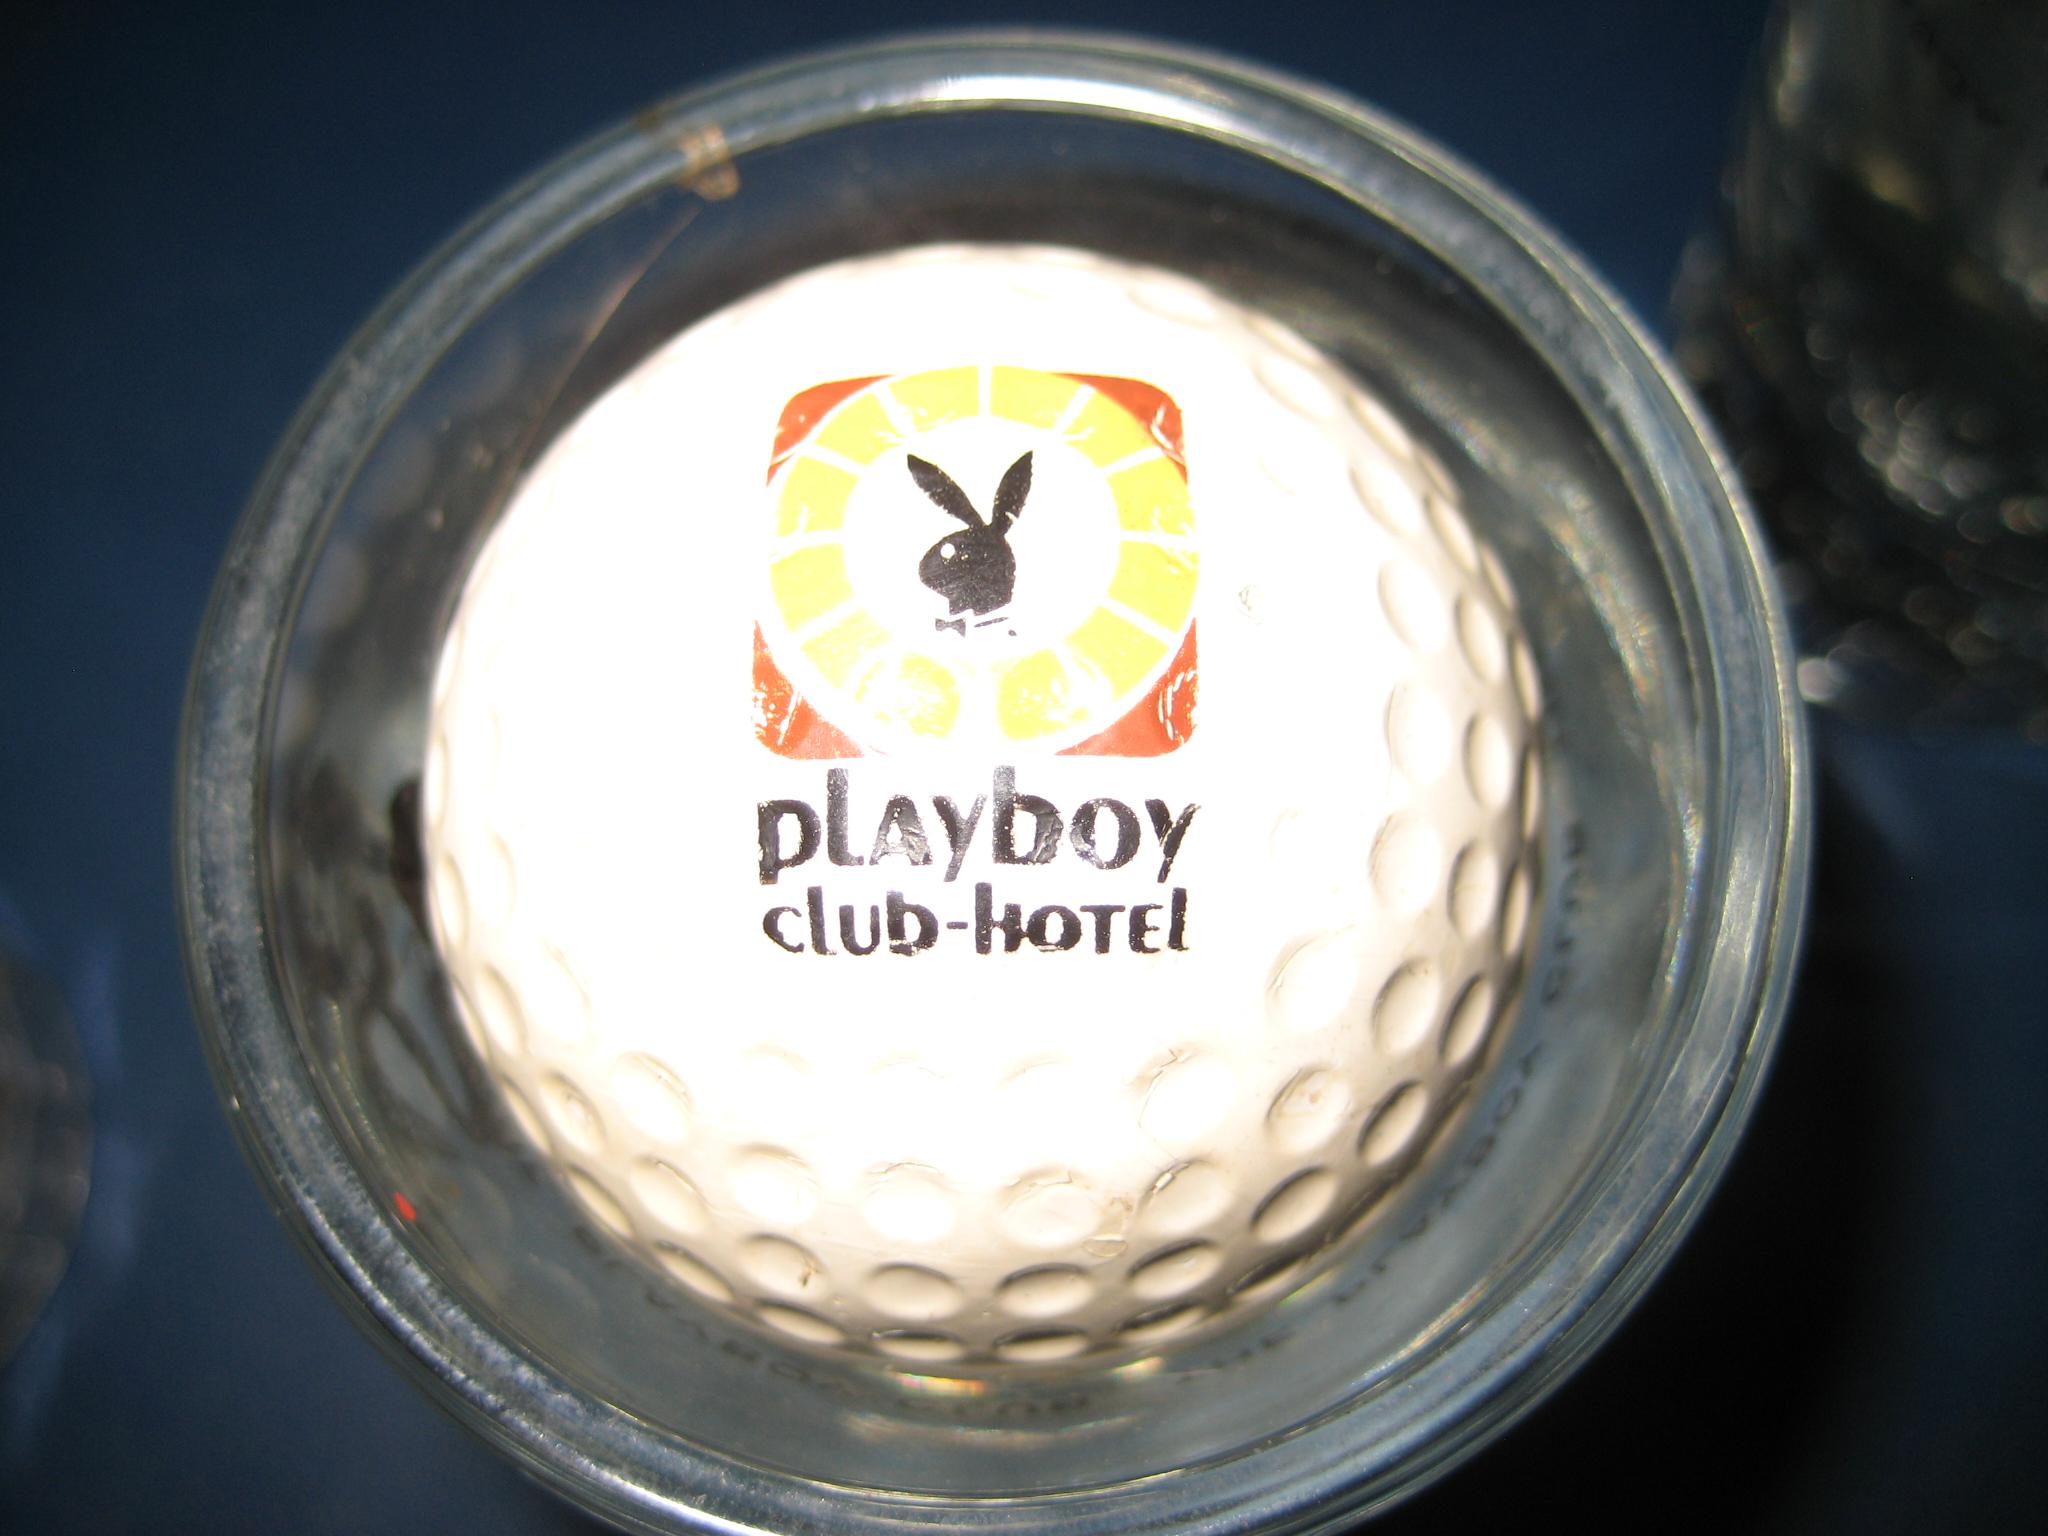 Playboy Club Hotel Golf Ball